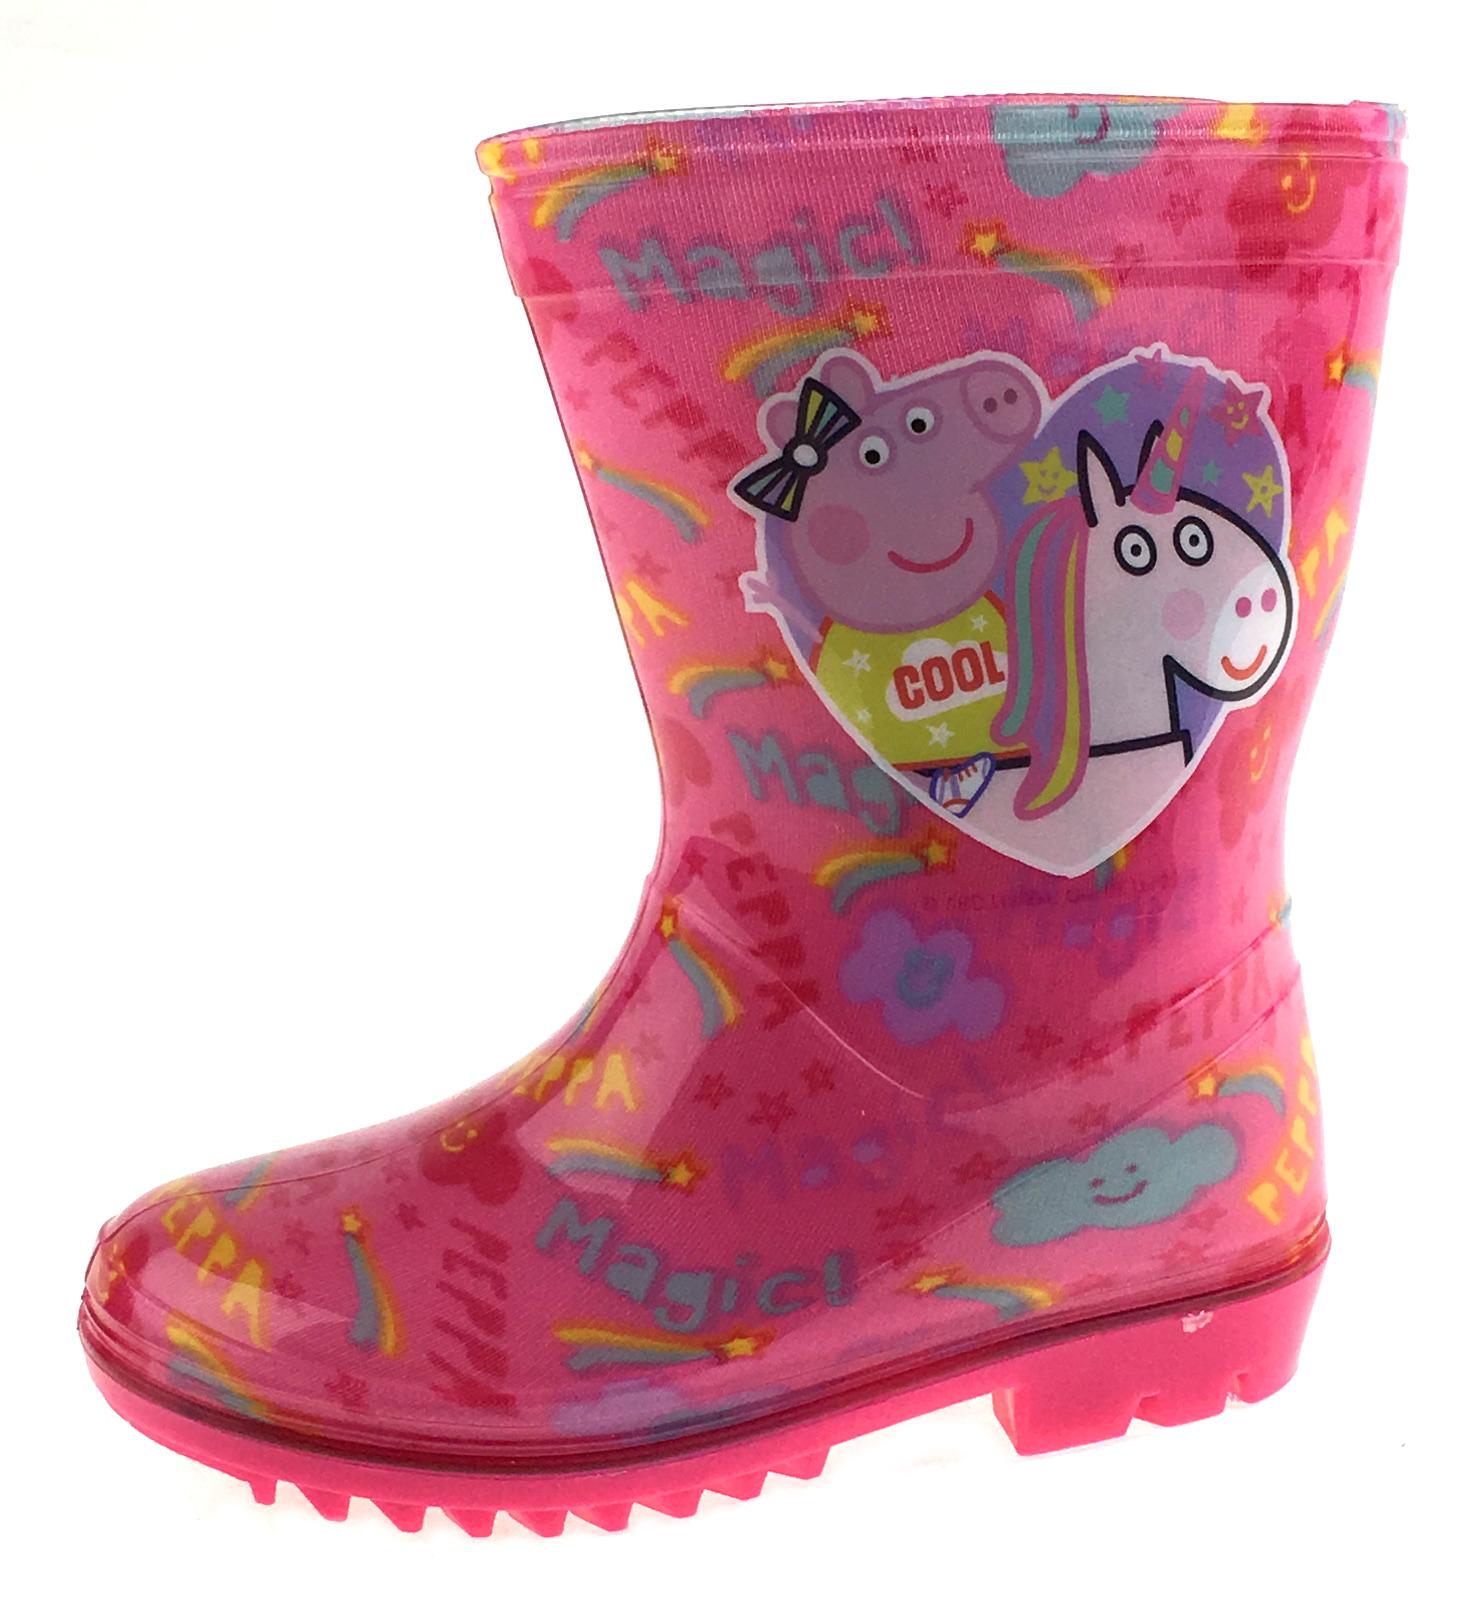 Girls-Peppa-Pig-Wellington-Boots-Mid-Calf-Gitter-Snow-Rain-Wellies-Kids-Size Indexbild 30